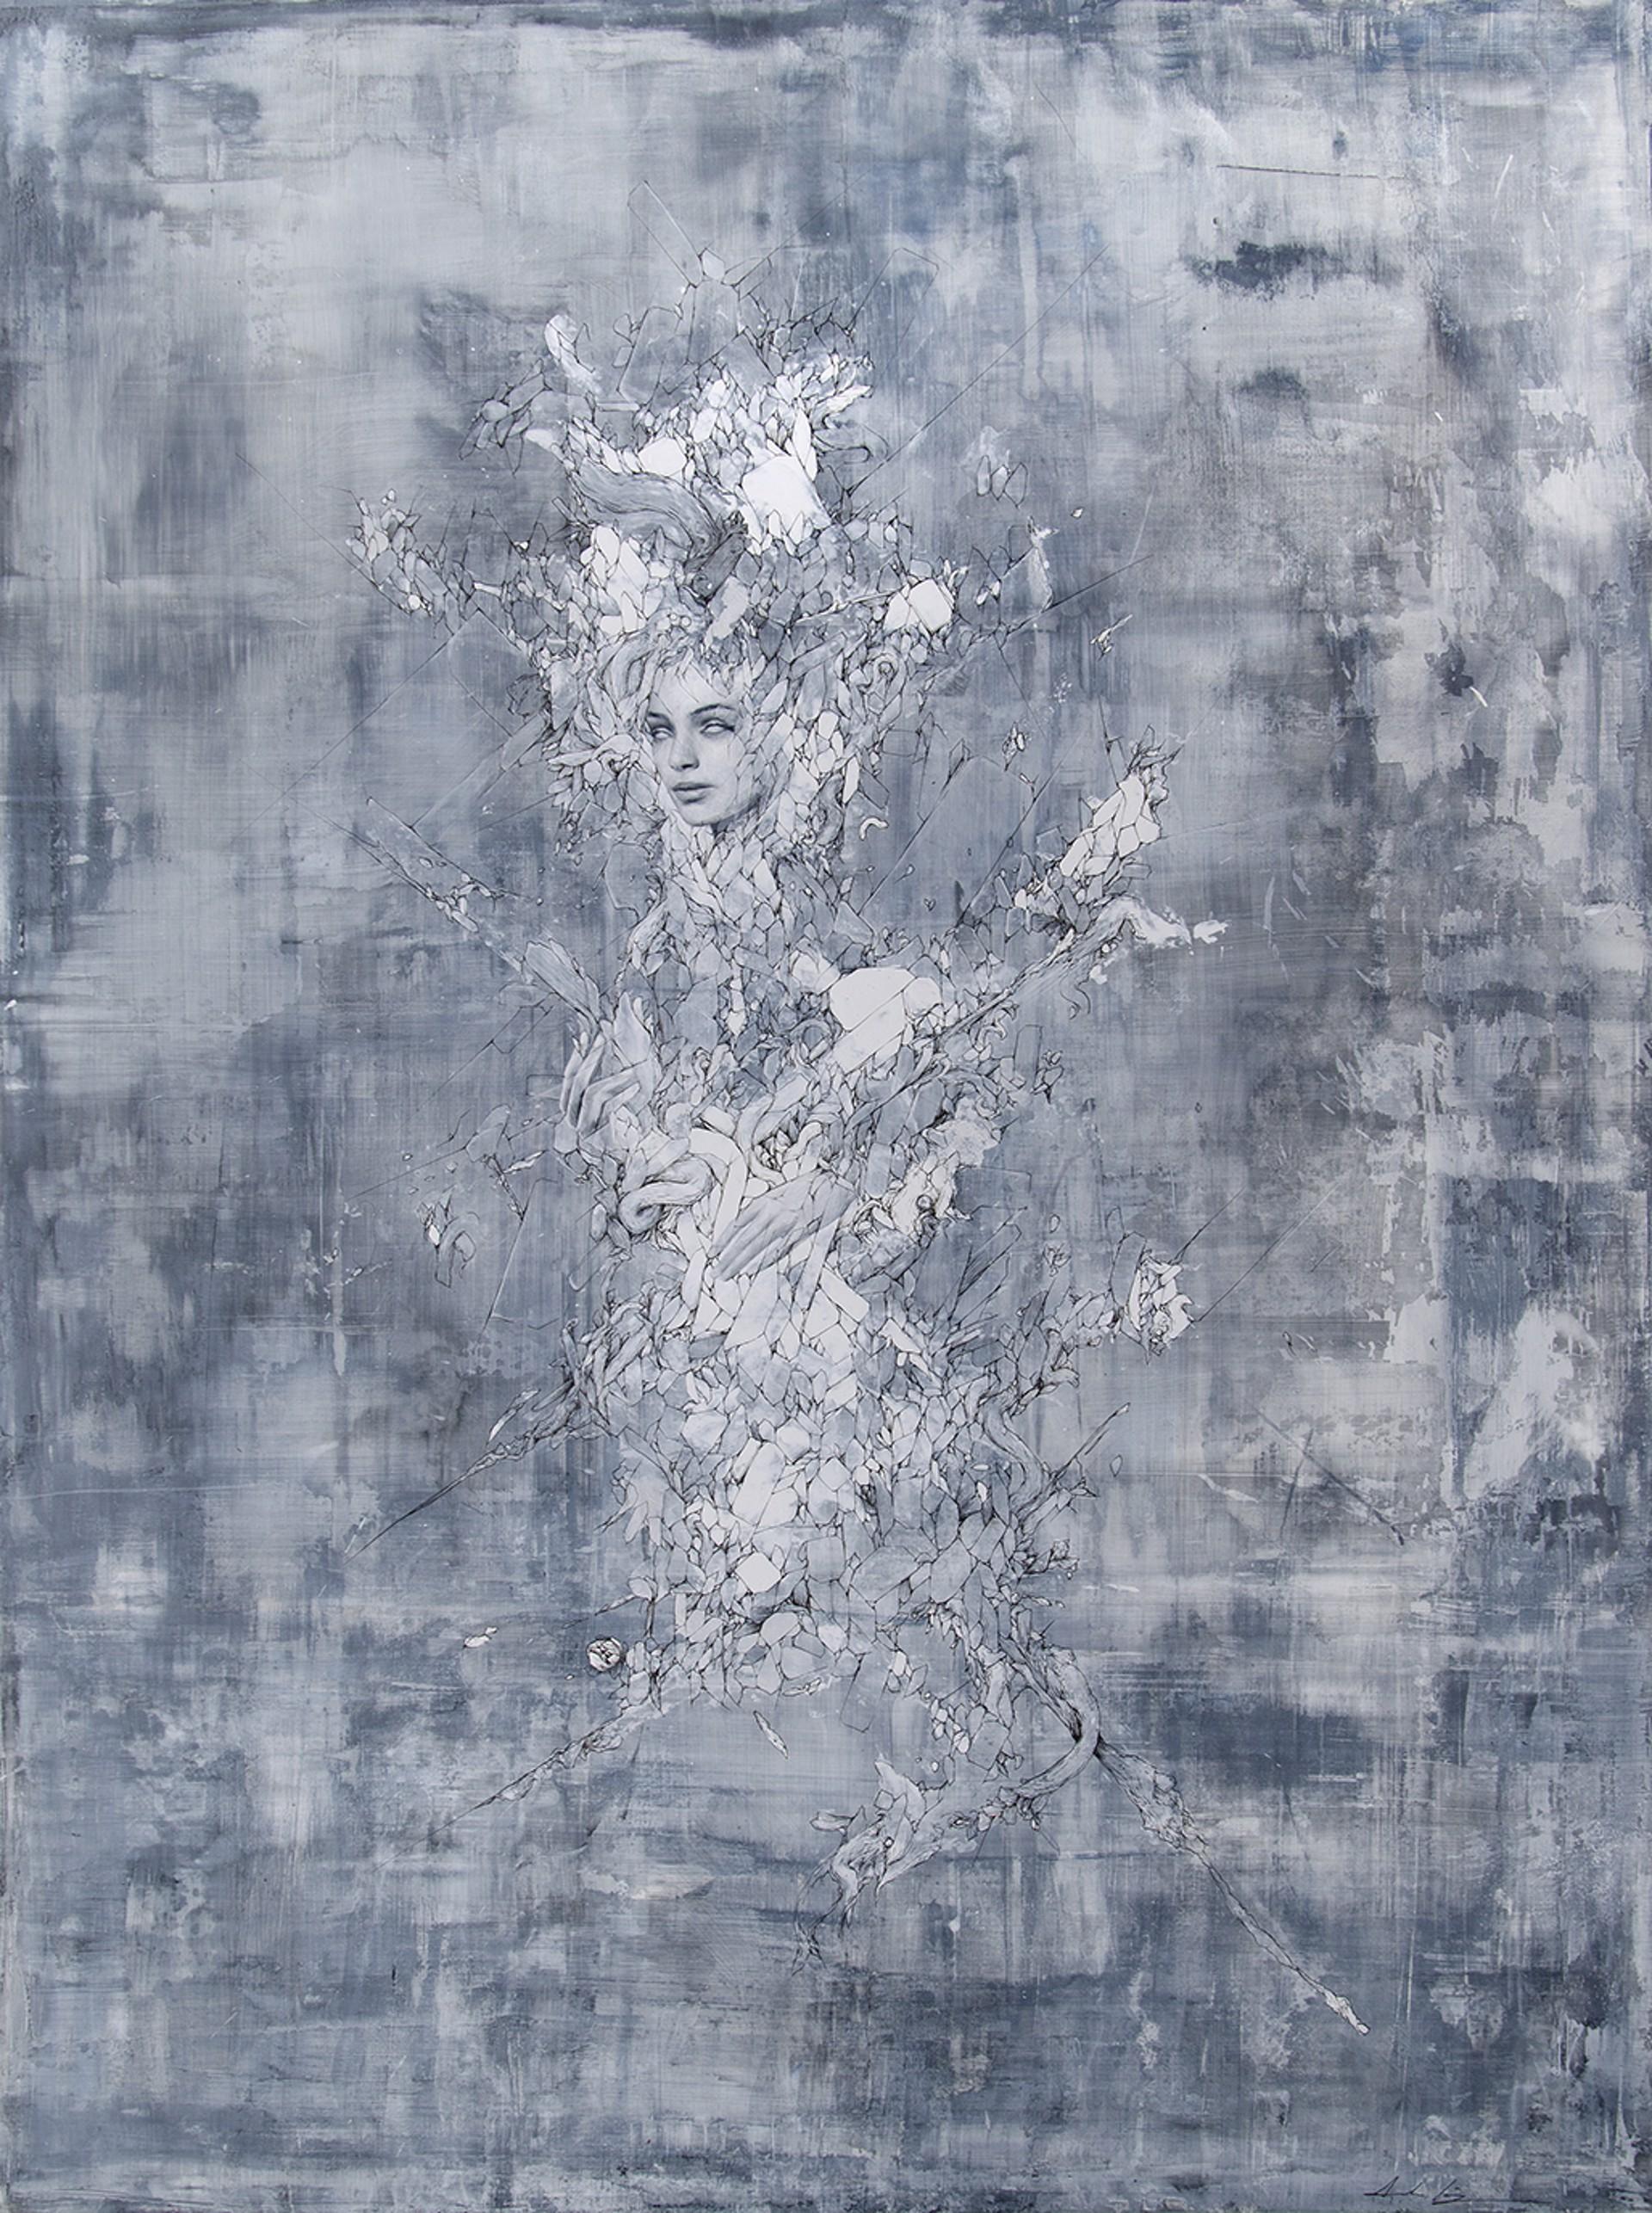 Seraph 1 by Aiden Kringen